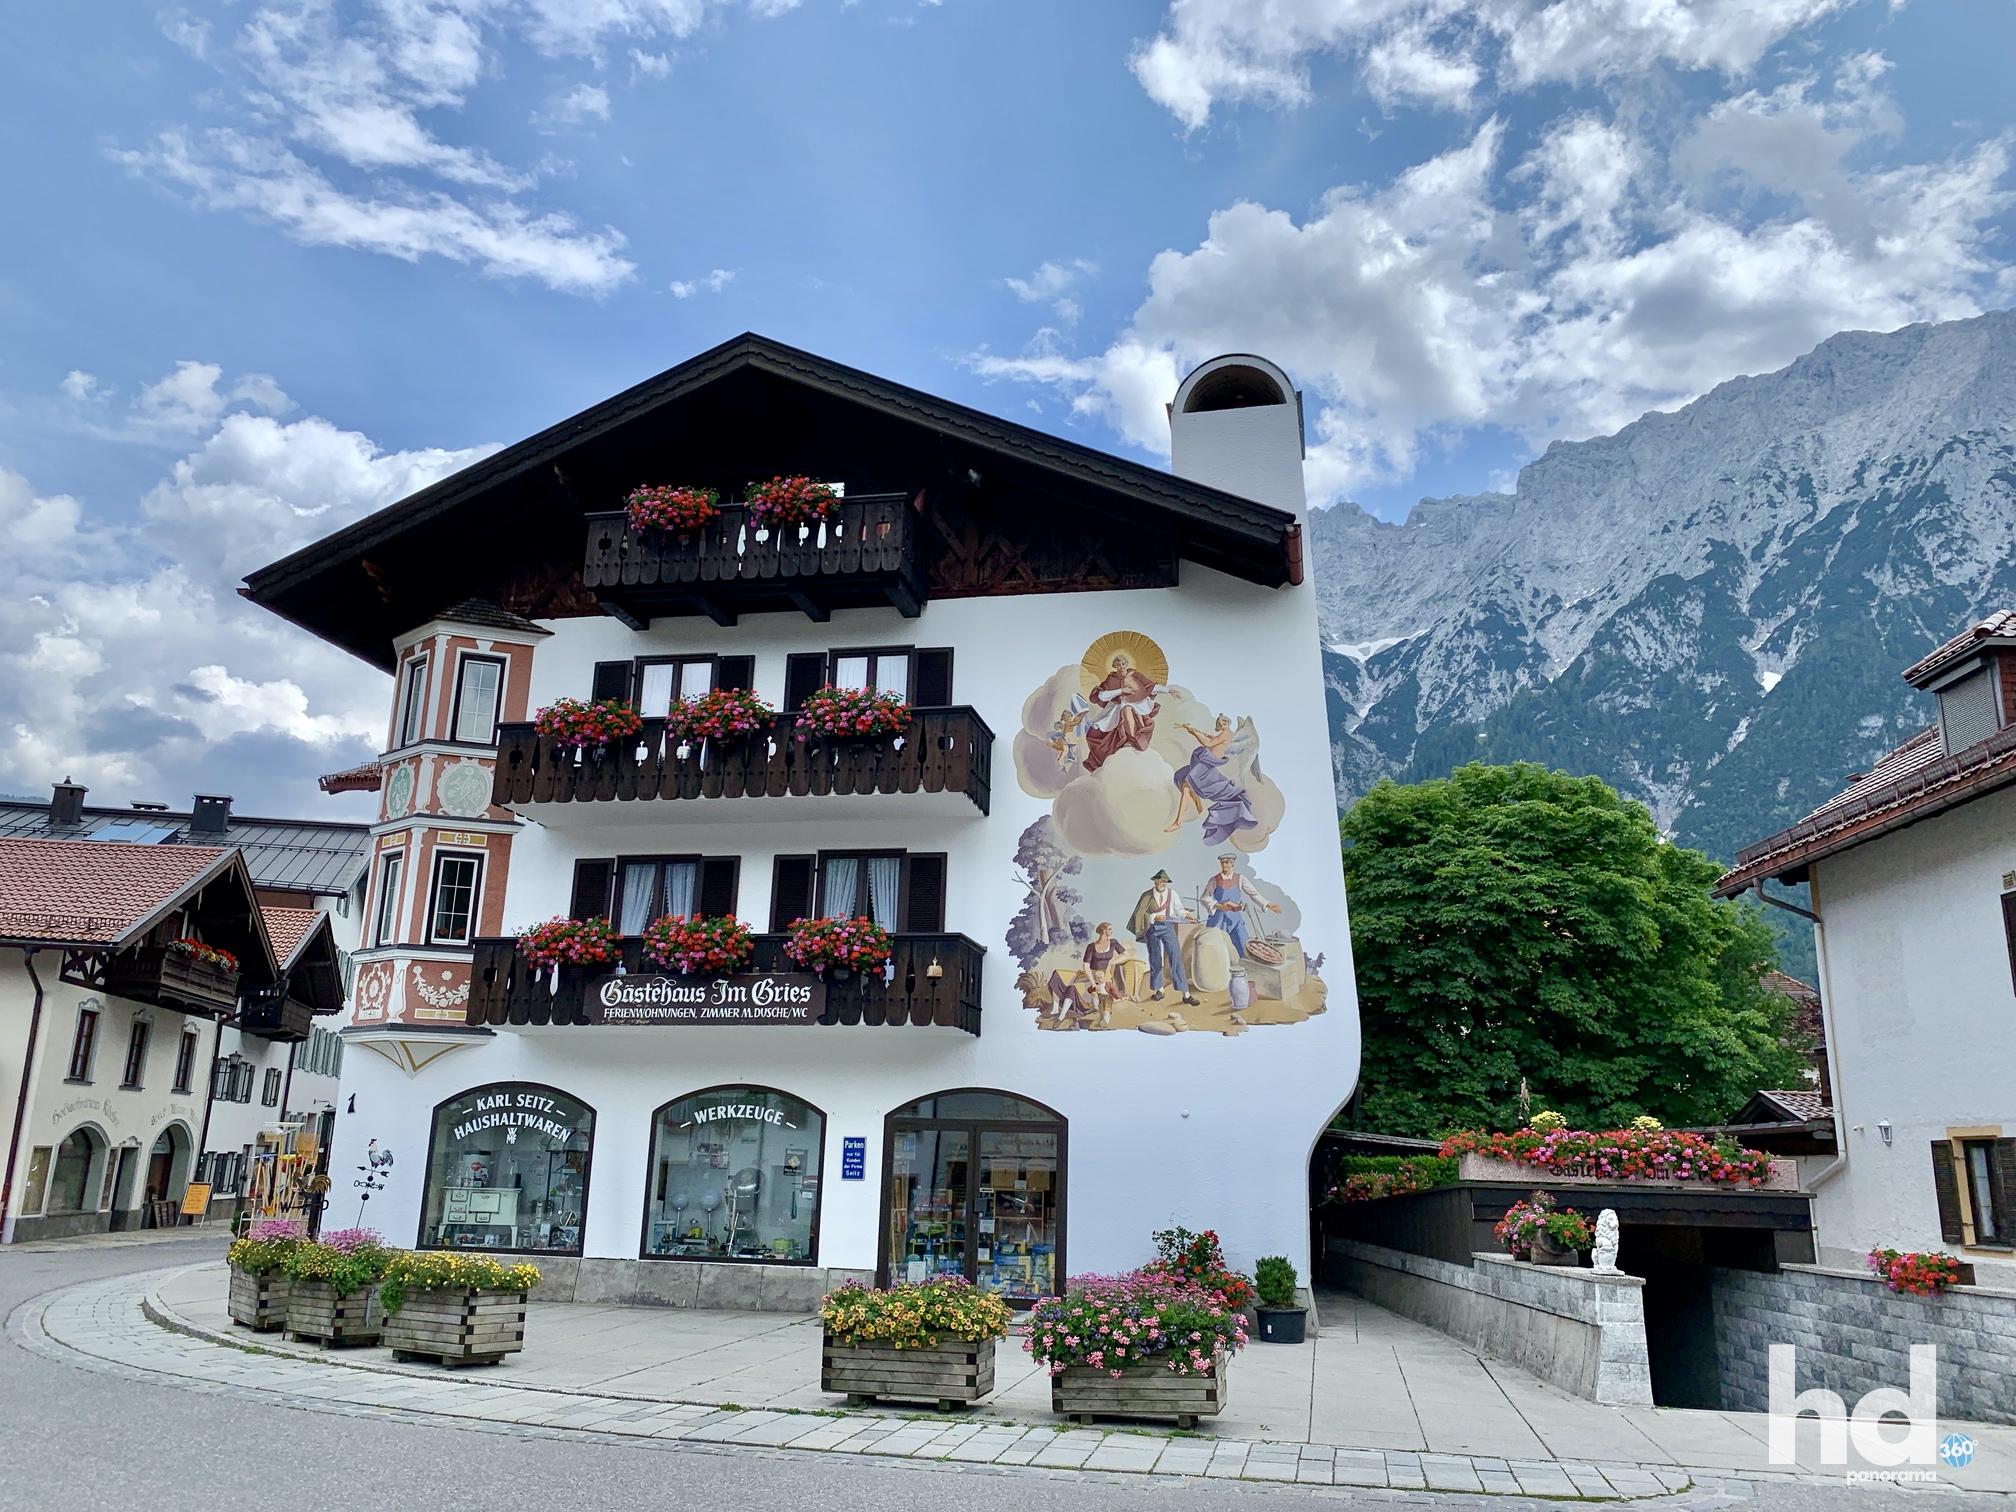 Herrliche Lüftelmalerei an einer Hausfassade in Mittenwald, Foto © HD-Panorama